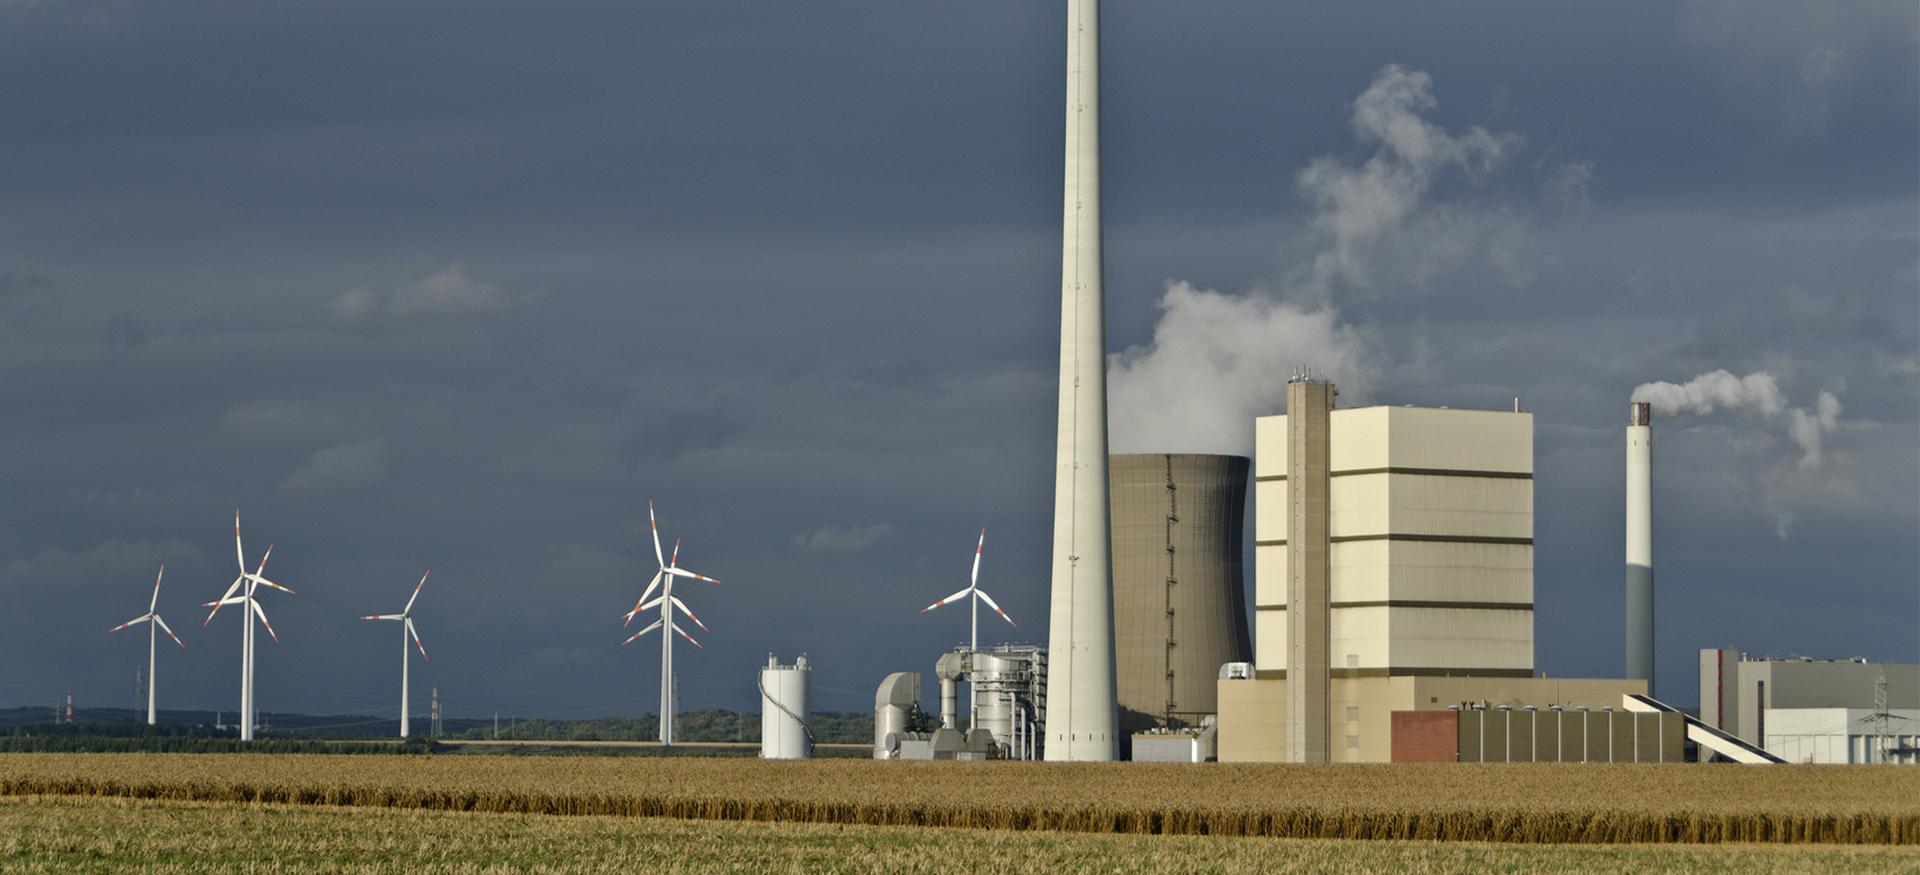 Kraftwerk mit rauchenden Schornsteinen und Windkraftanlagen vor dunkelgrauem Himmel auf einem Feld